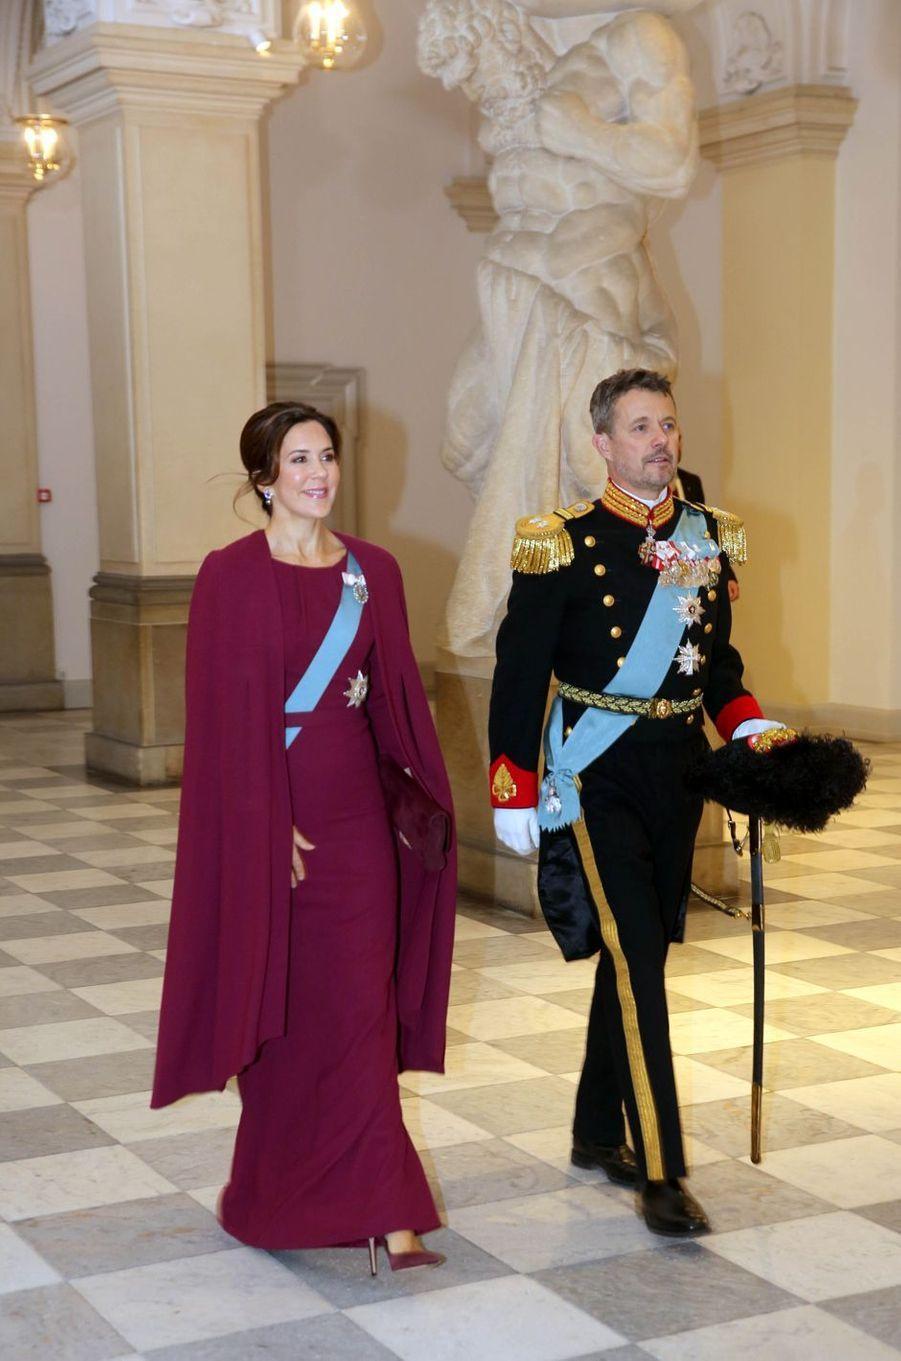 La princesse Mary et le prince héritier Frederik de Danemark à Copenhague, le 3 janvier 2019